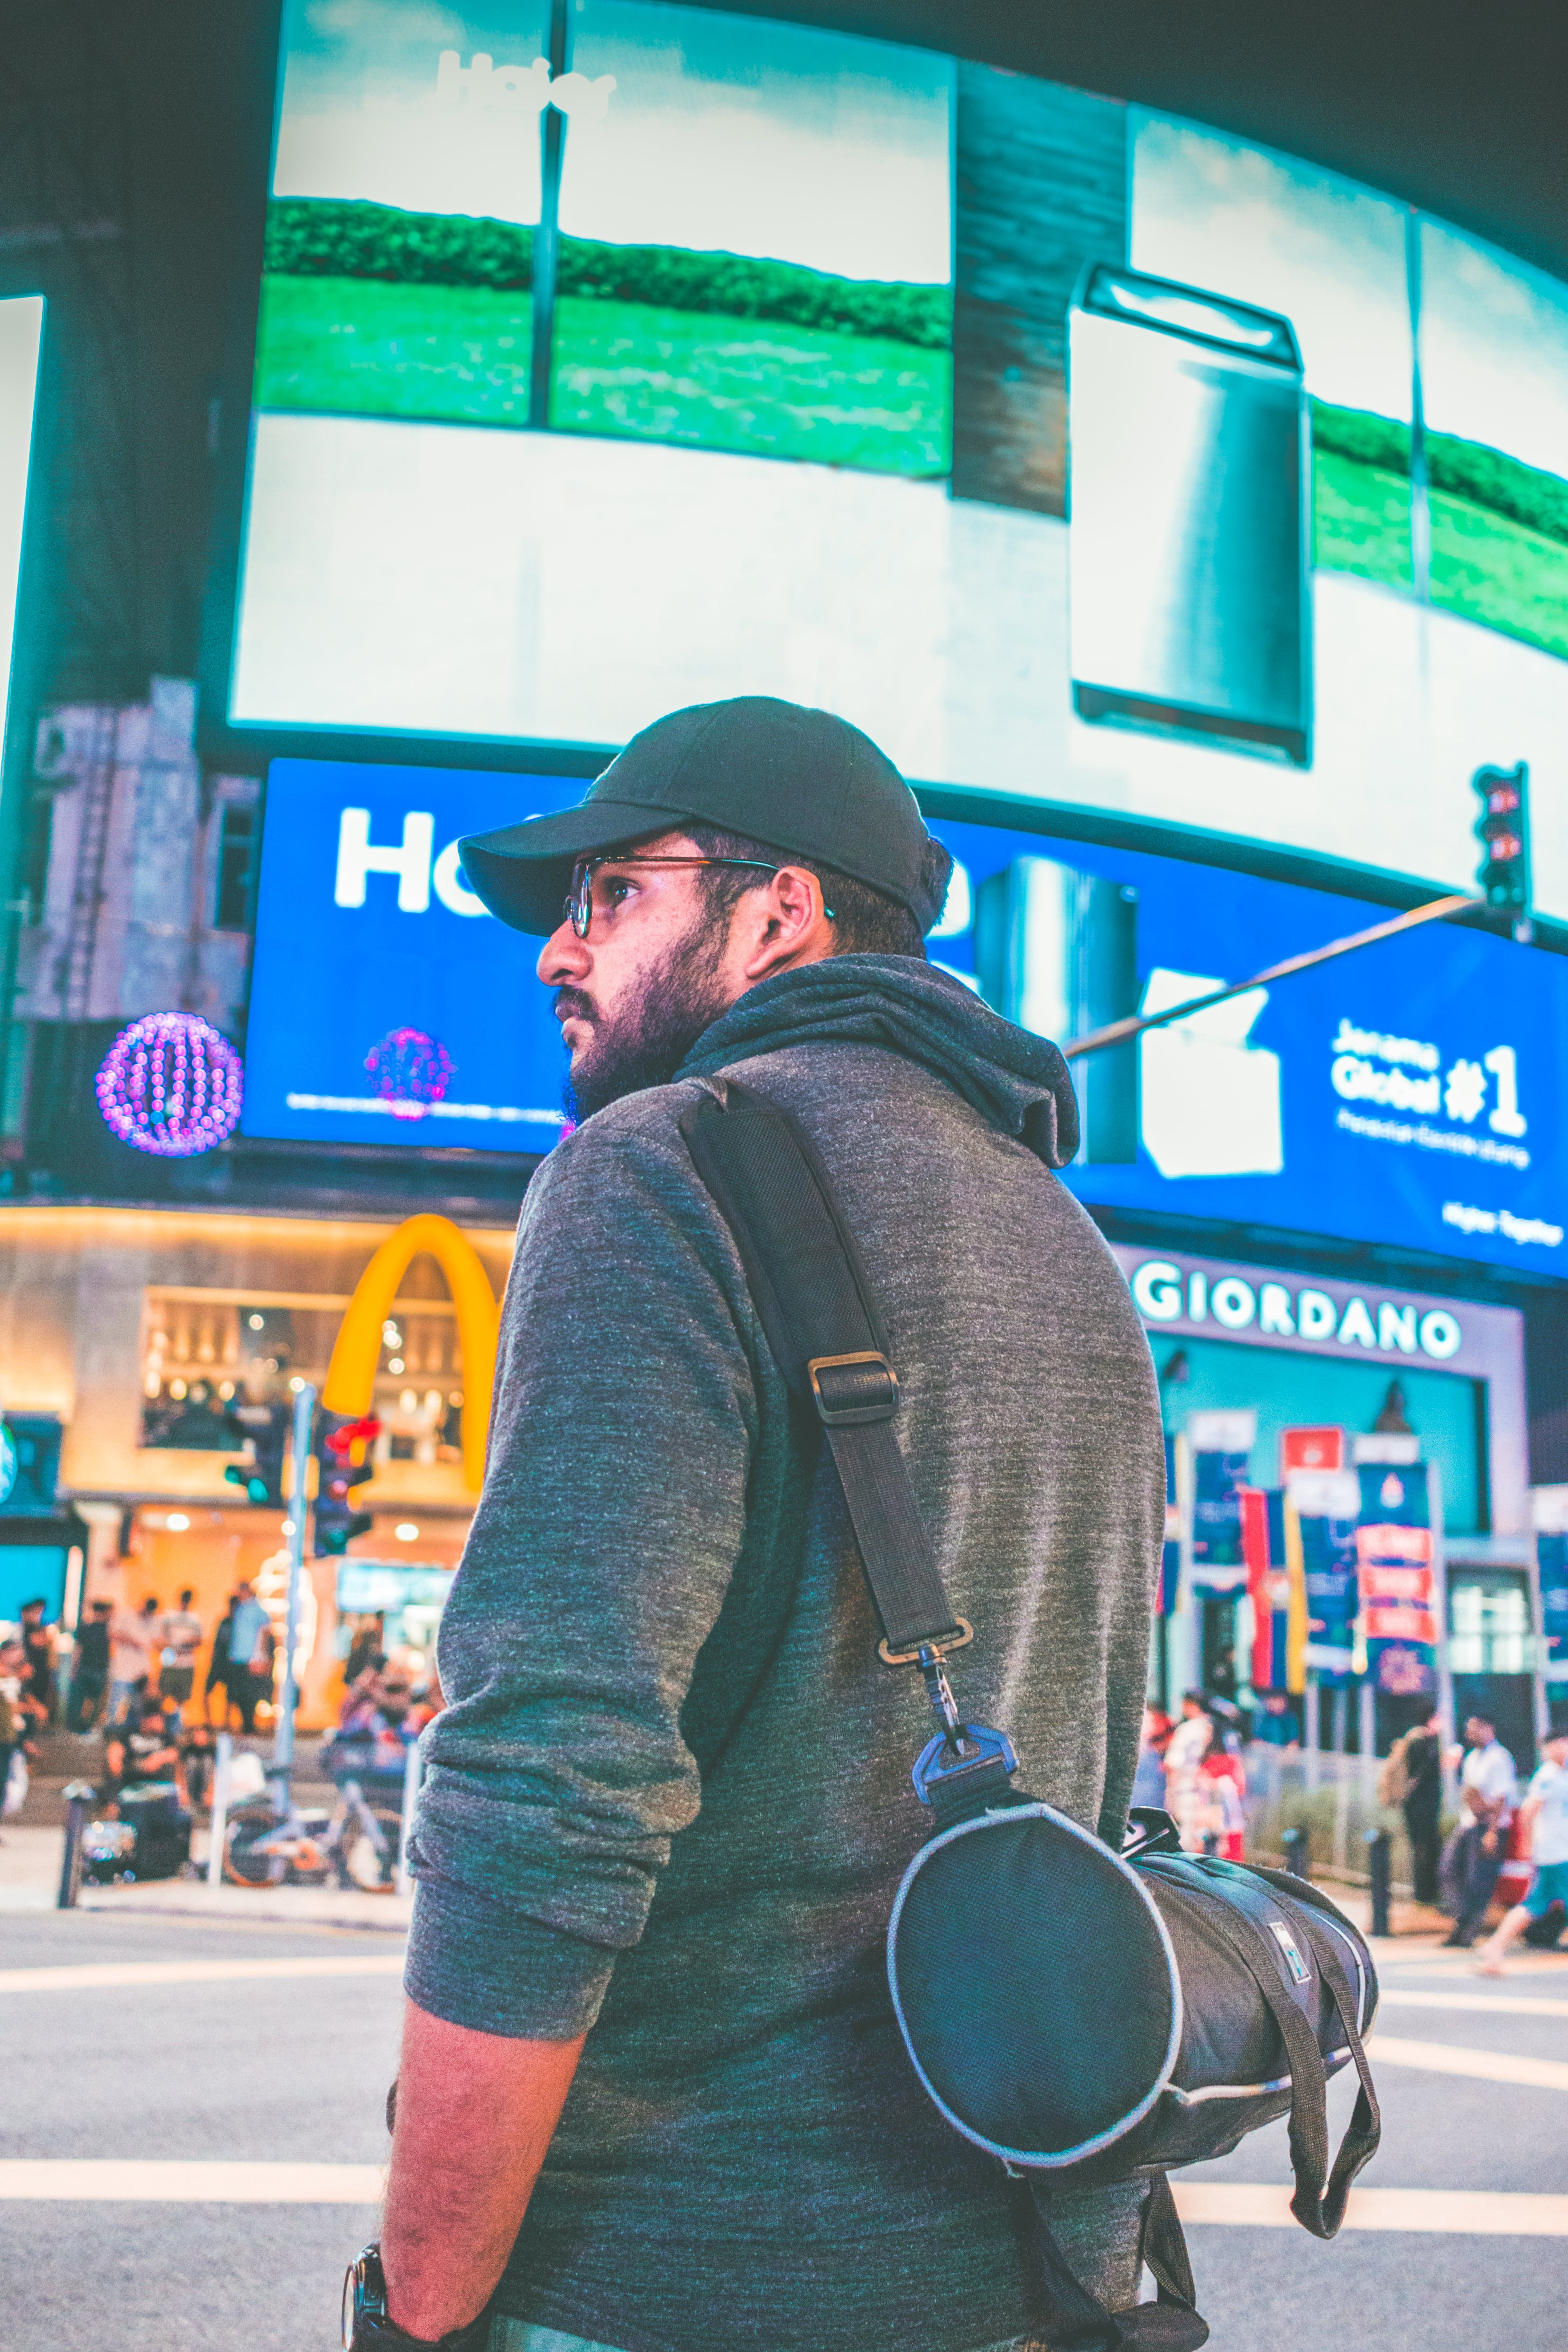 Man Wearing Black Cap